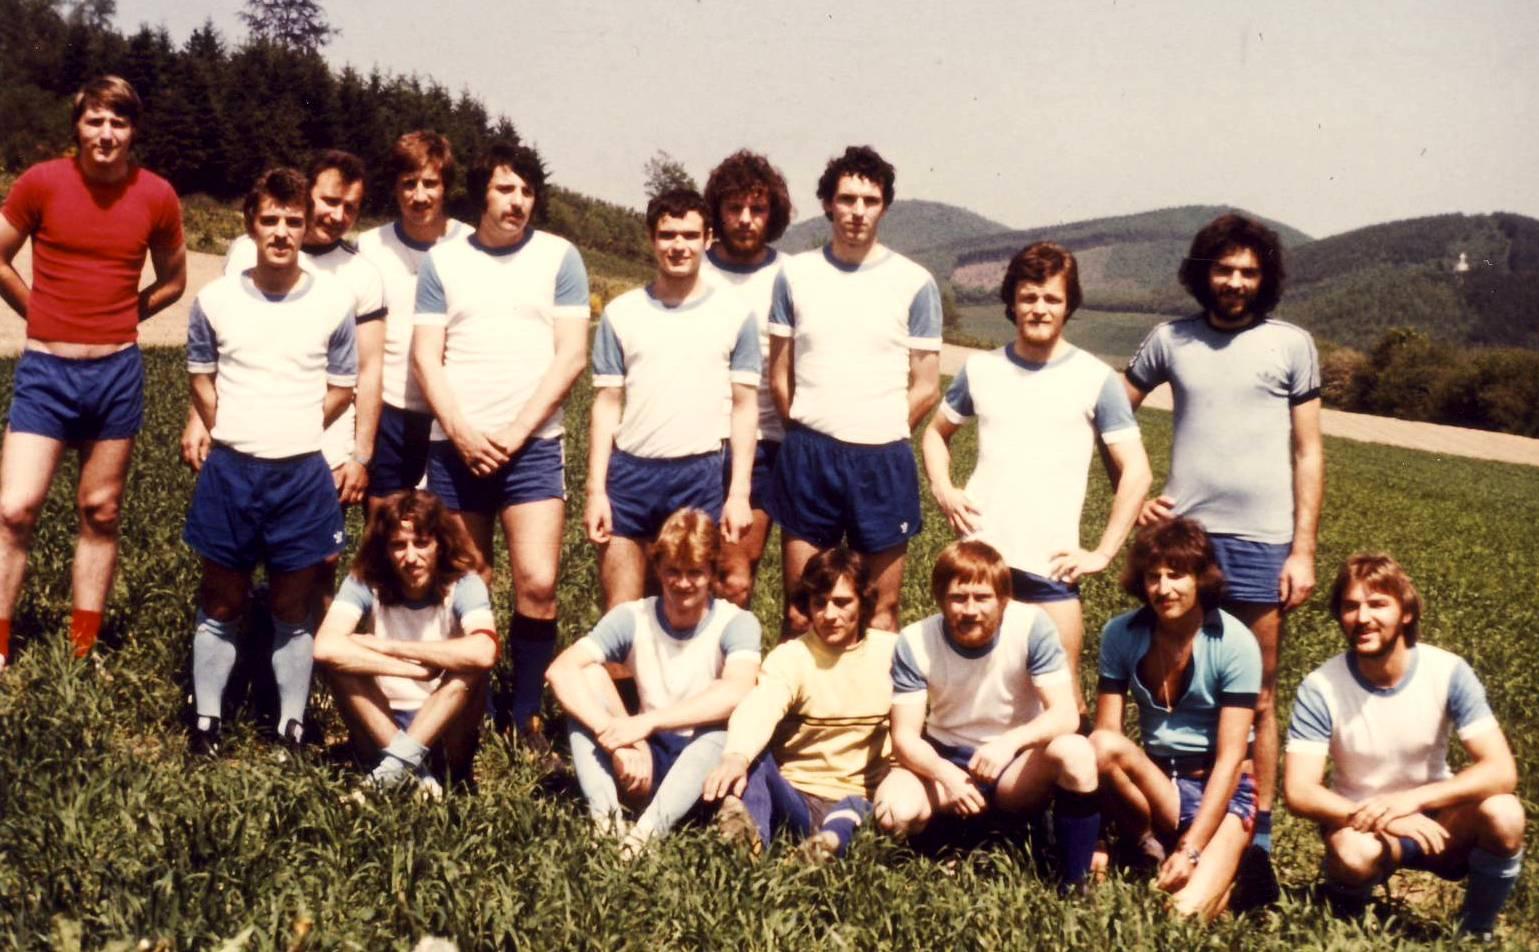 1Sen1978